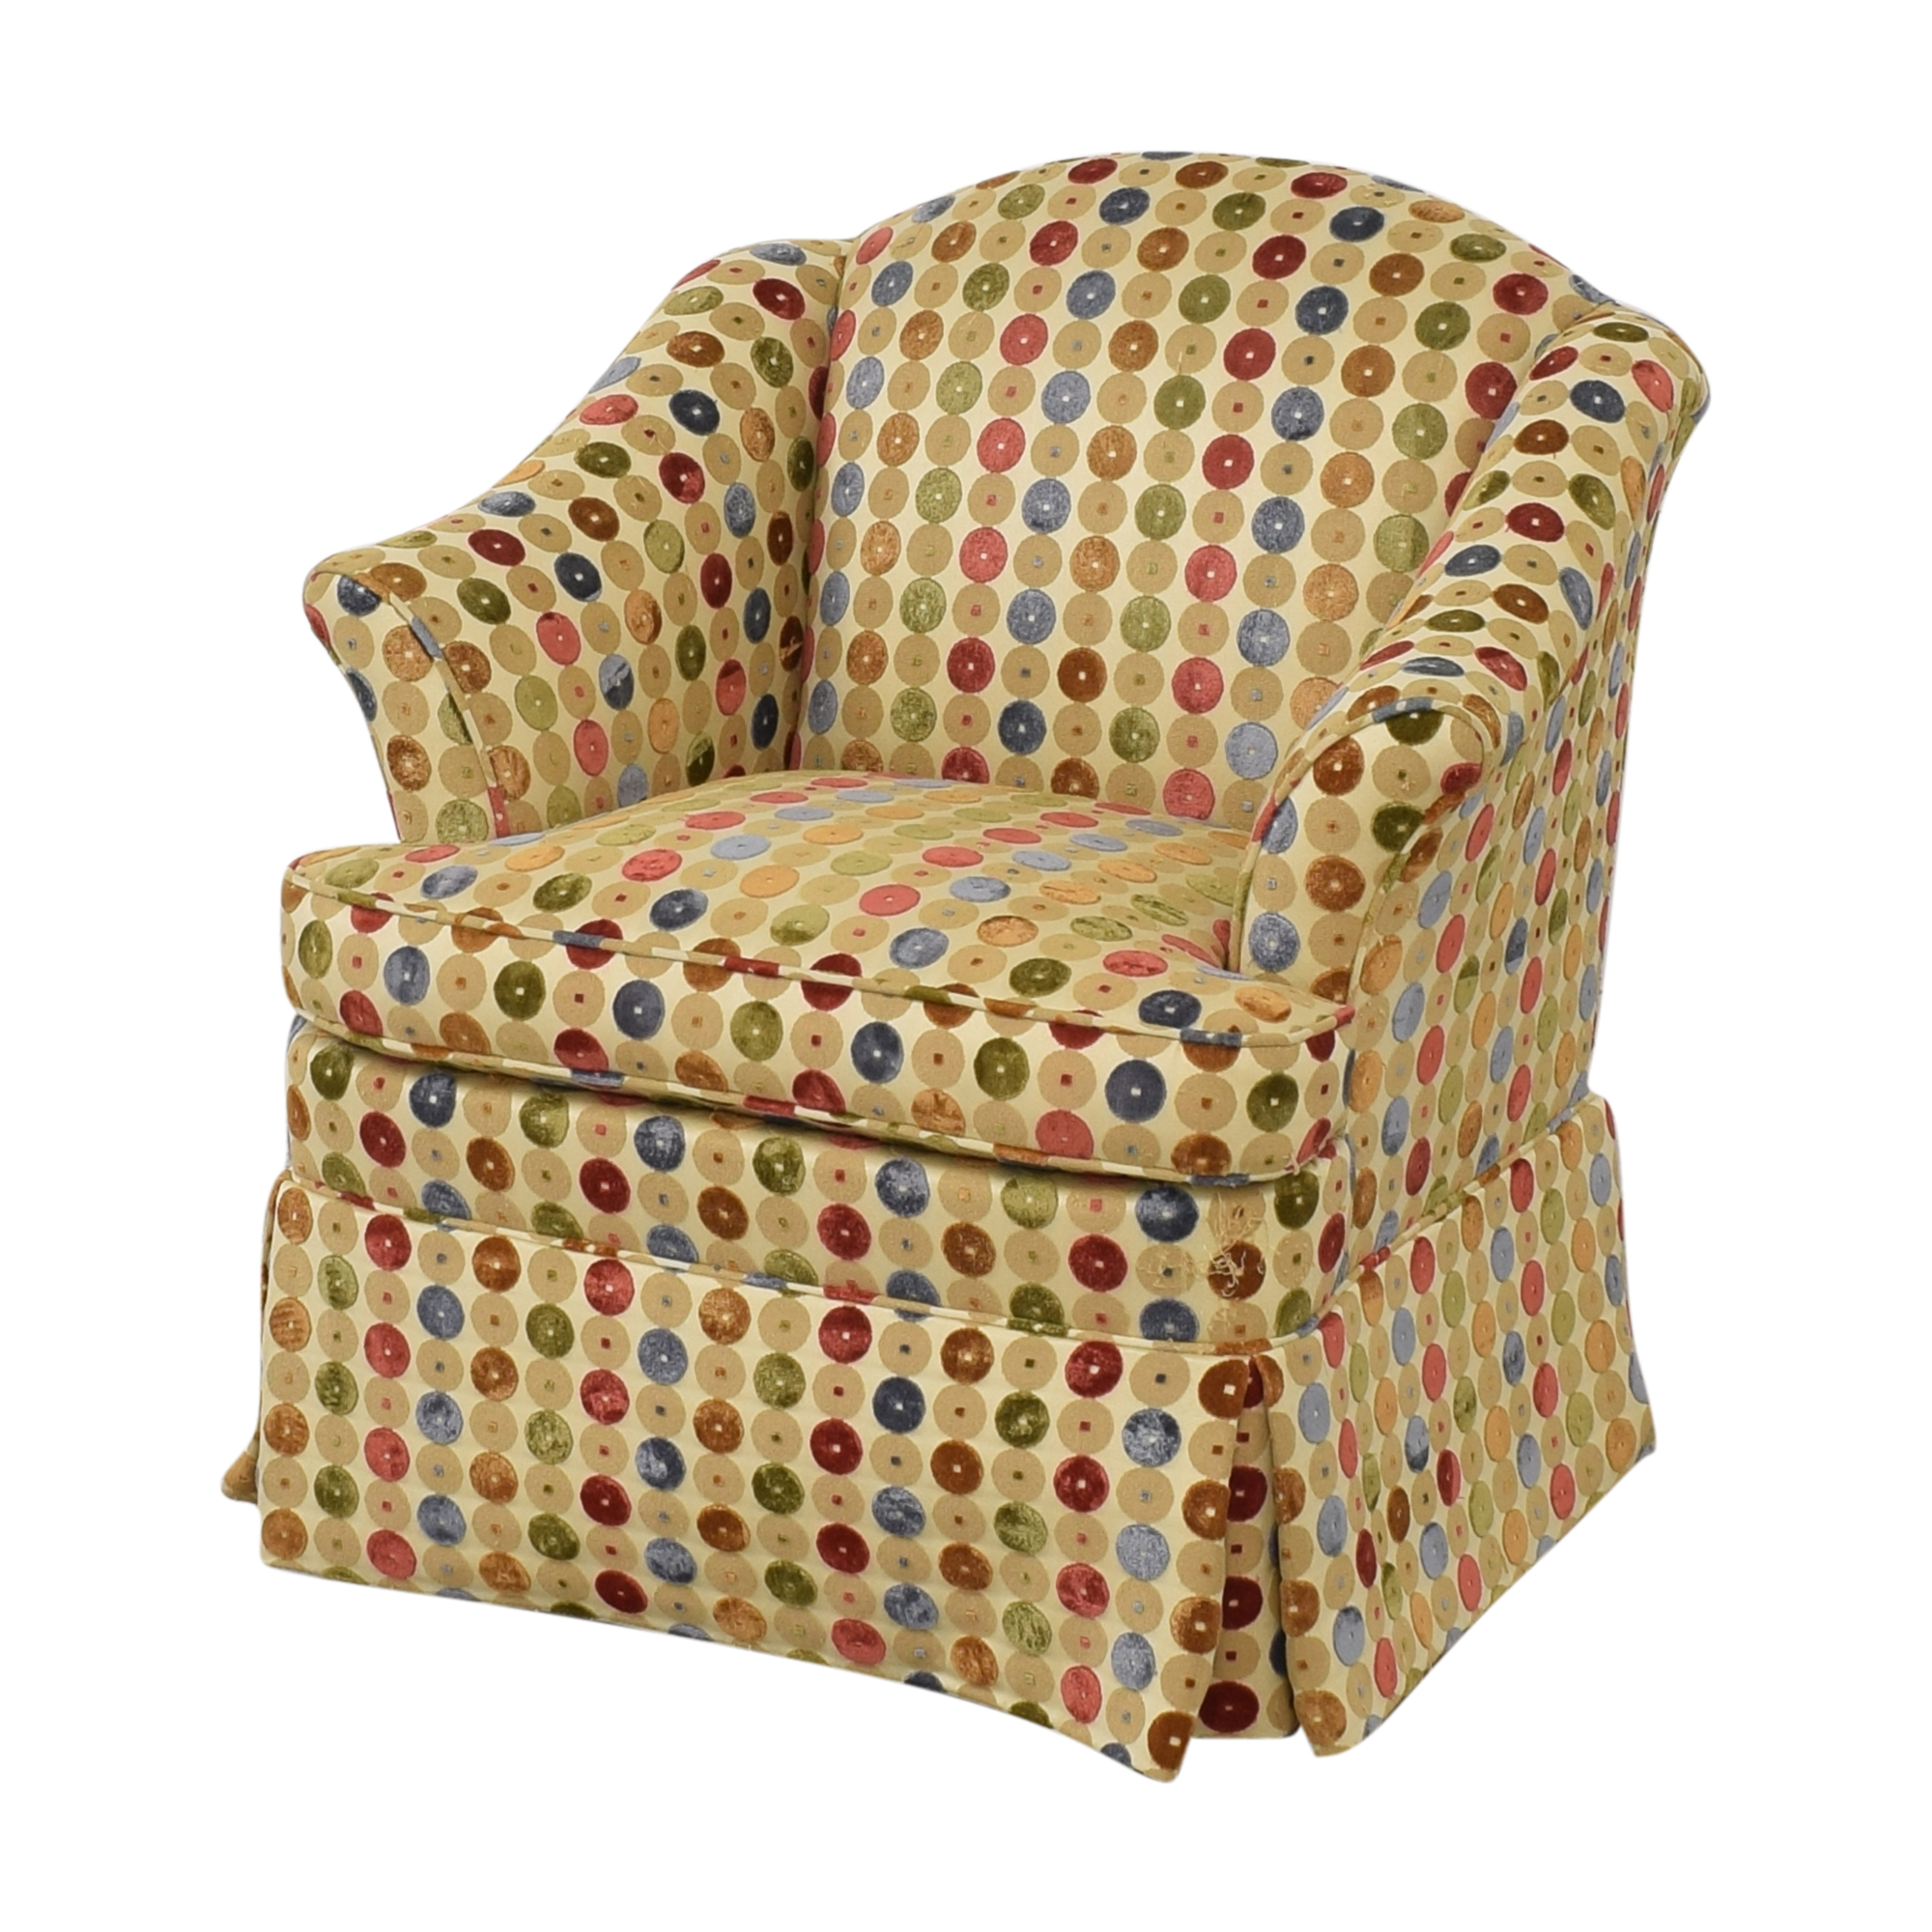 Charles Stewart Company Charles Stewart Company Swivel Chair nyc